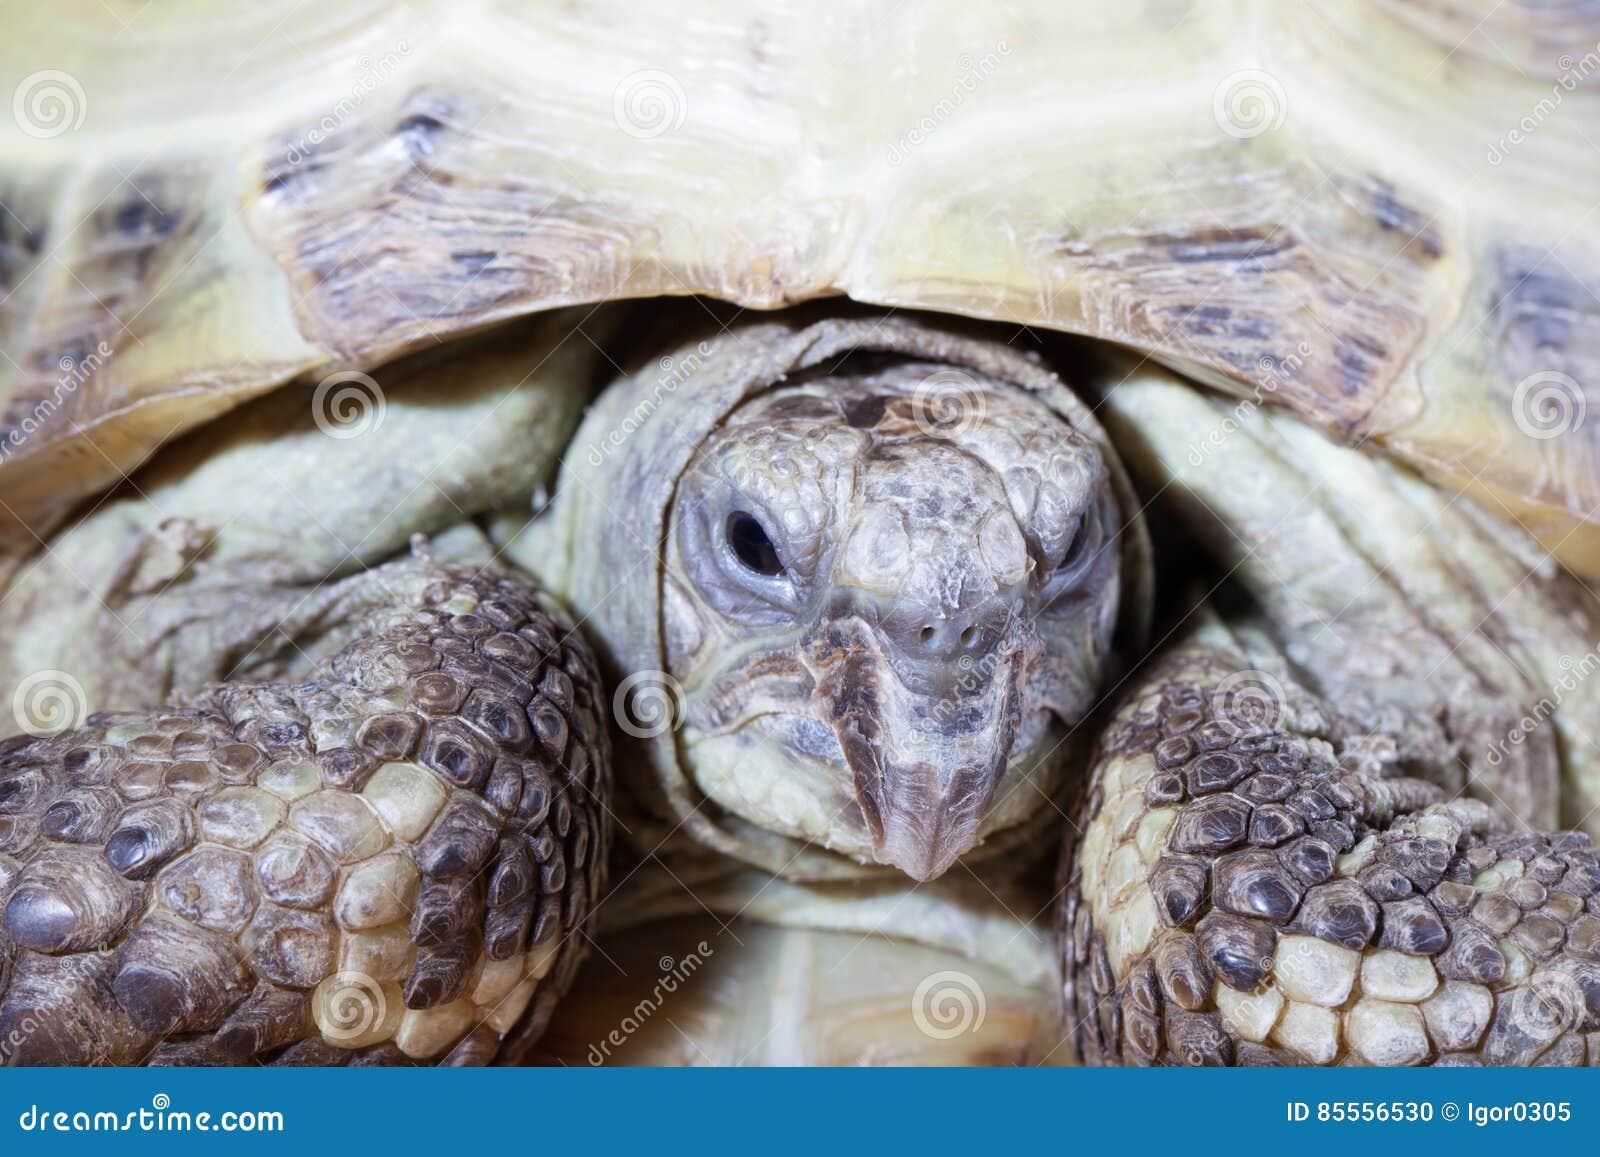 Schildkröte auf dem hölzernen Schreibtisch